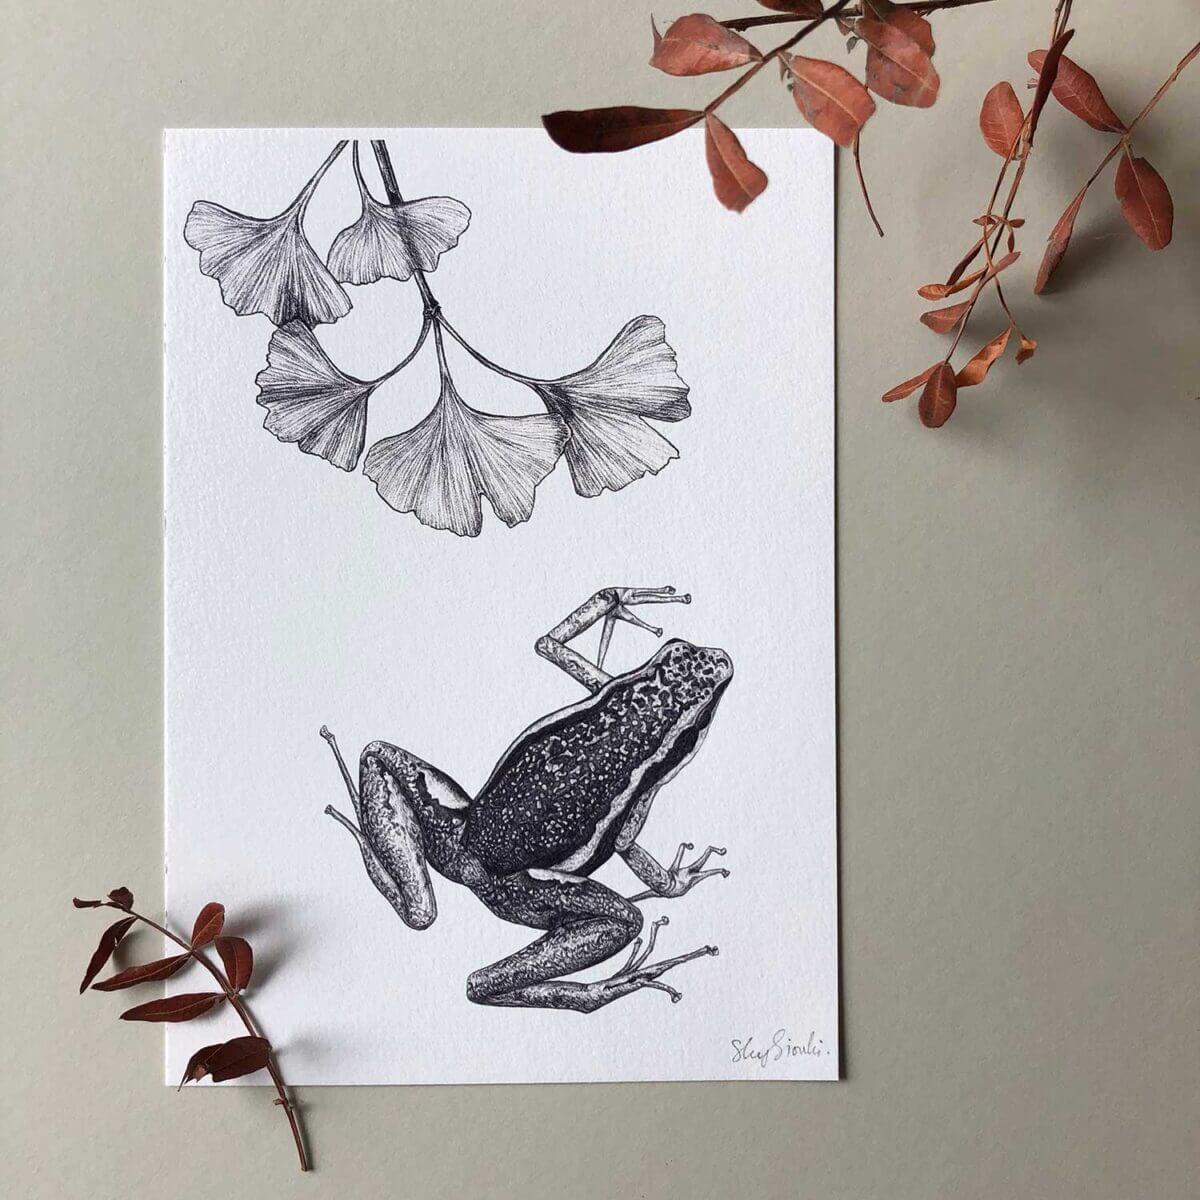 Poison-Dart-Frog-Print-Sky-Siouki